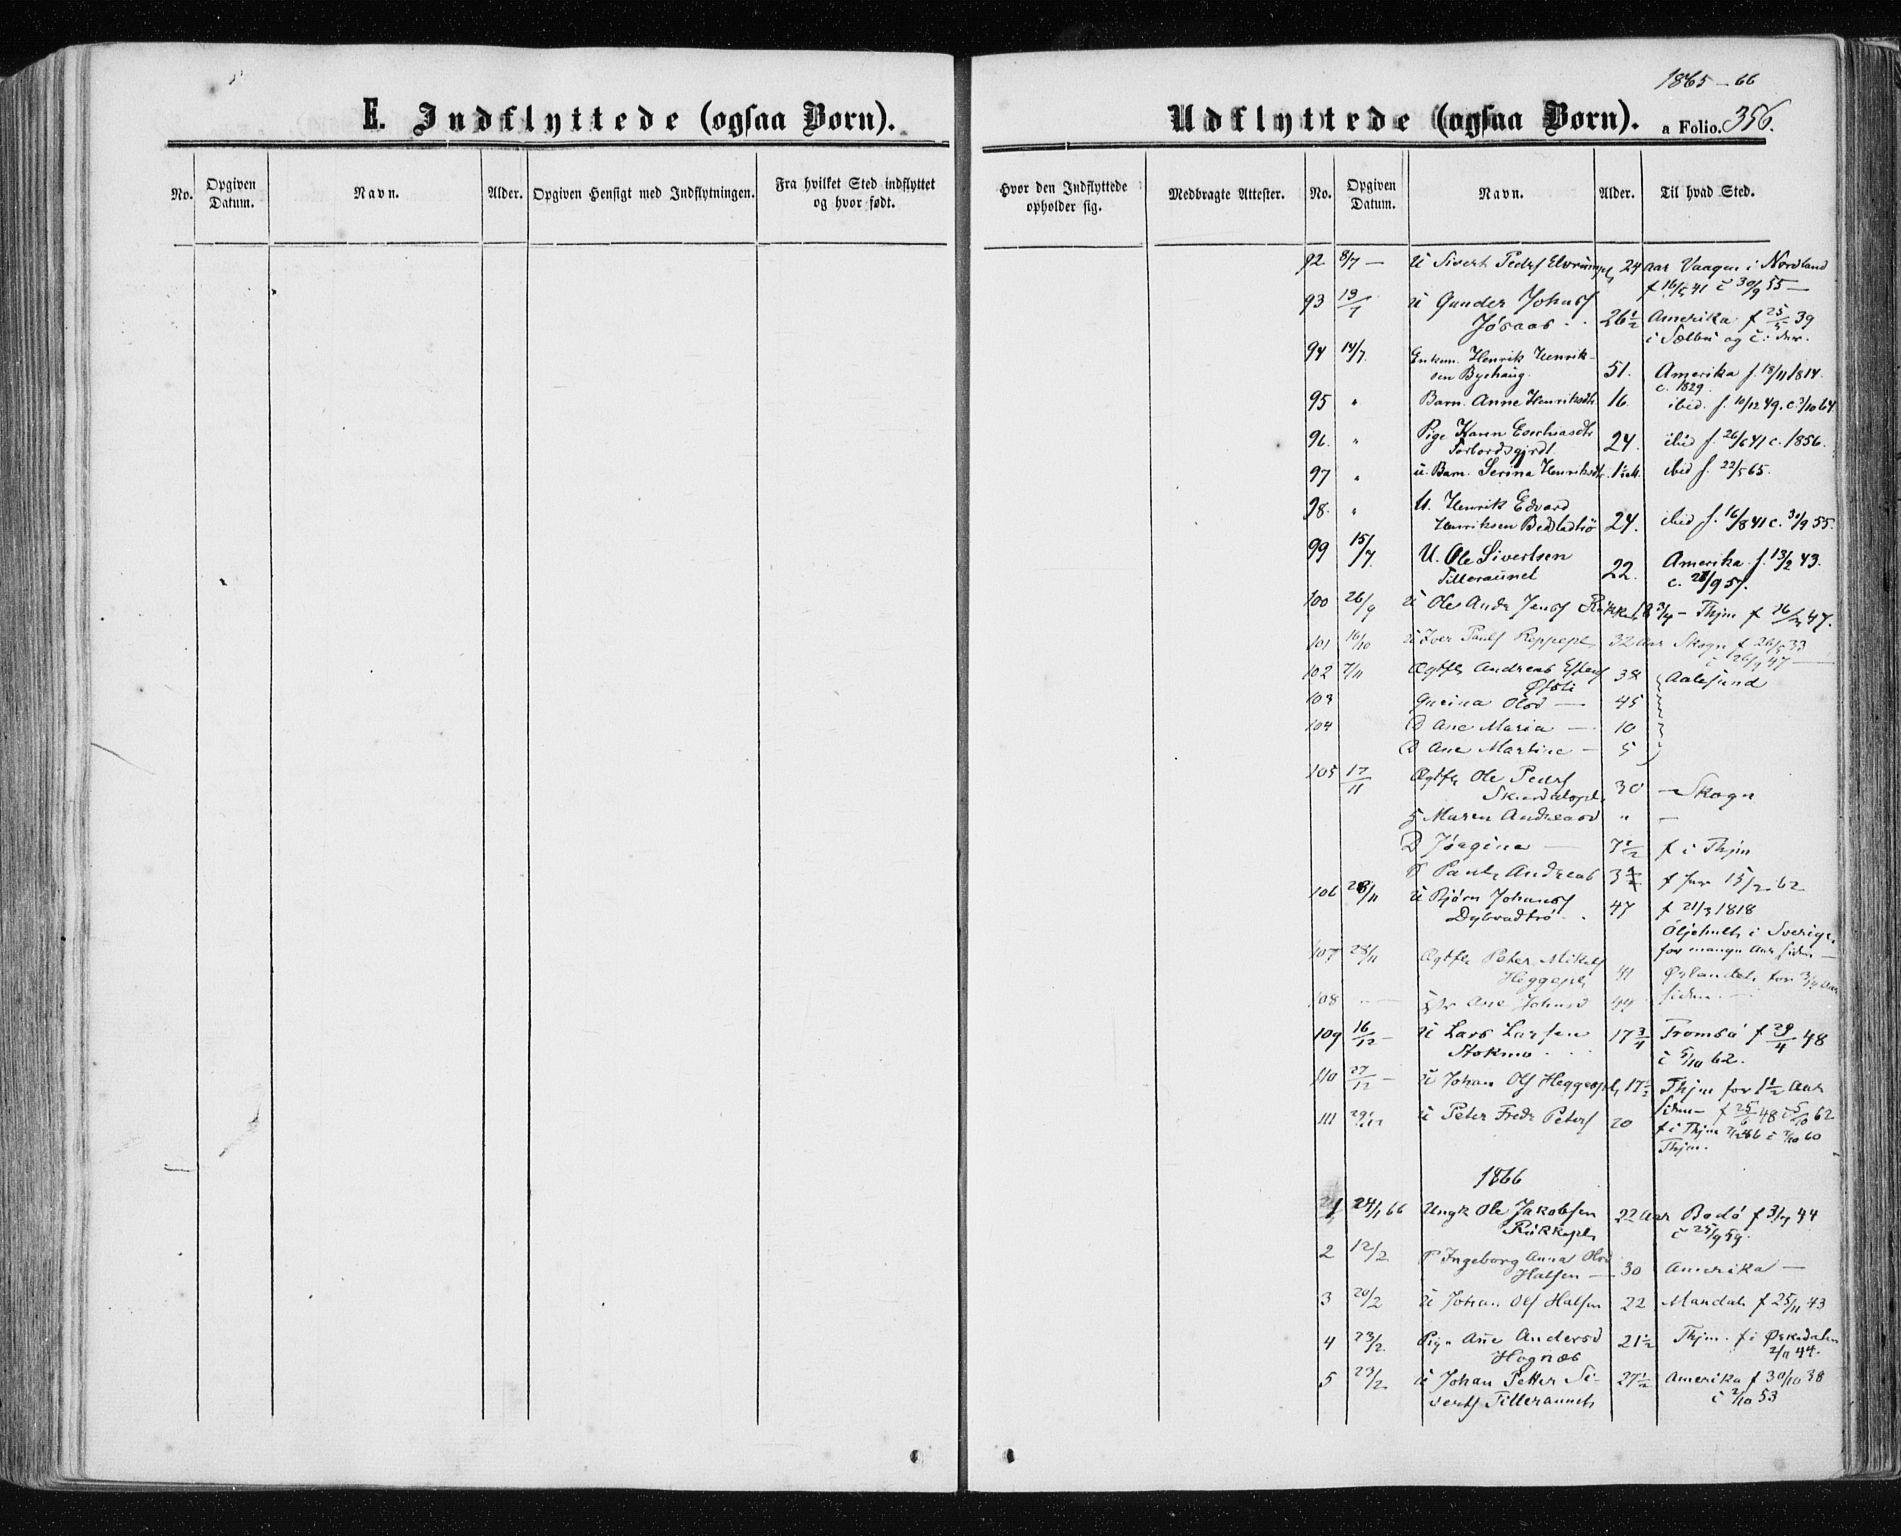 SAT, Ministerialprotokoller, klokkerbøker og fødselsregistre - Nord-Trøndelag, 709/L0075: Ministerialbok nr. 709A15, 1859-1870, s. 356